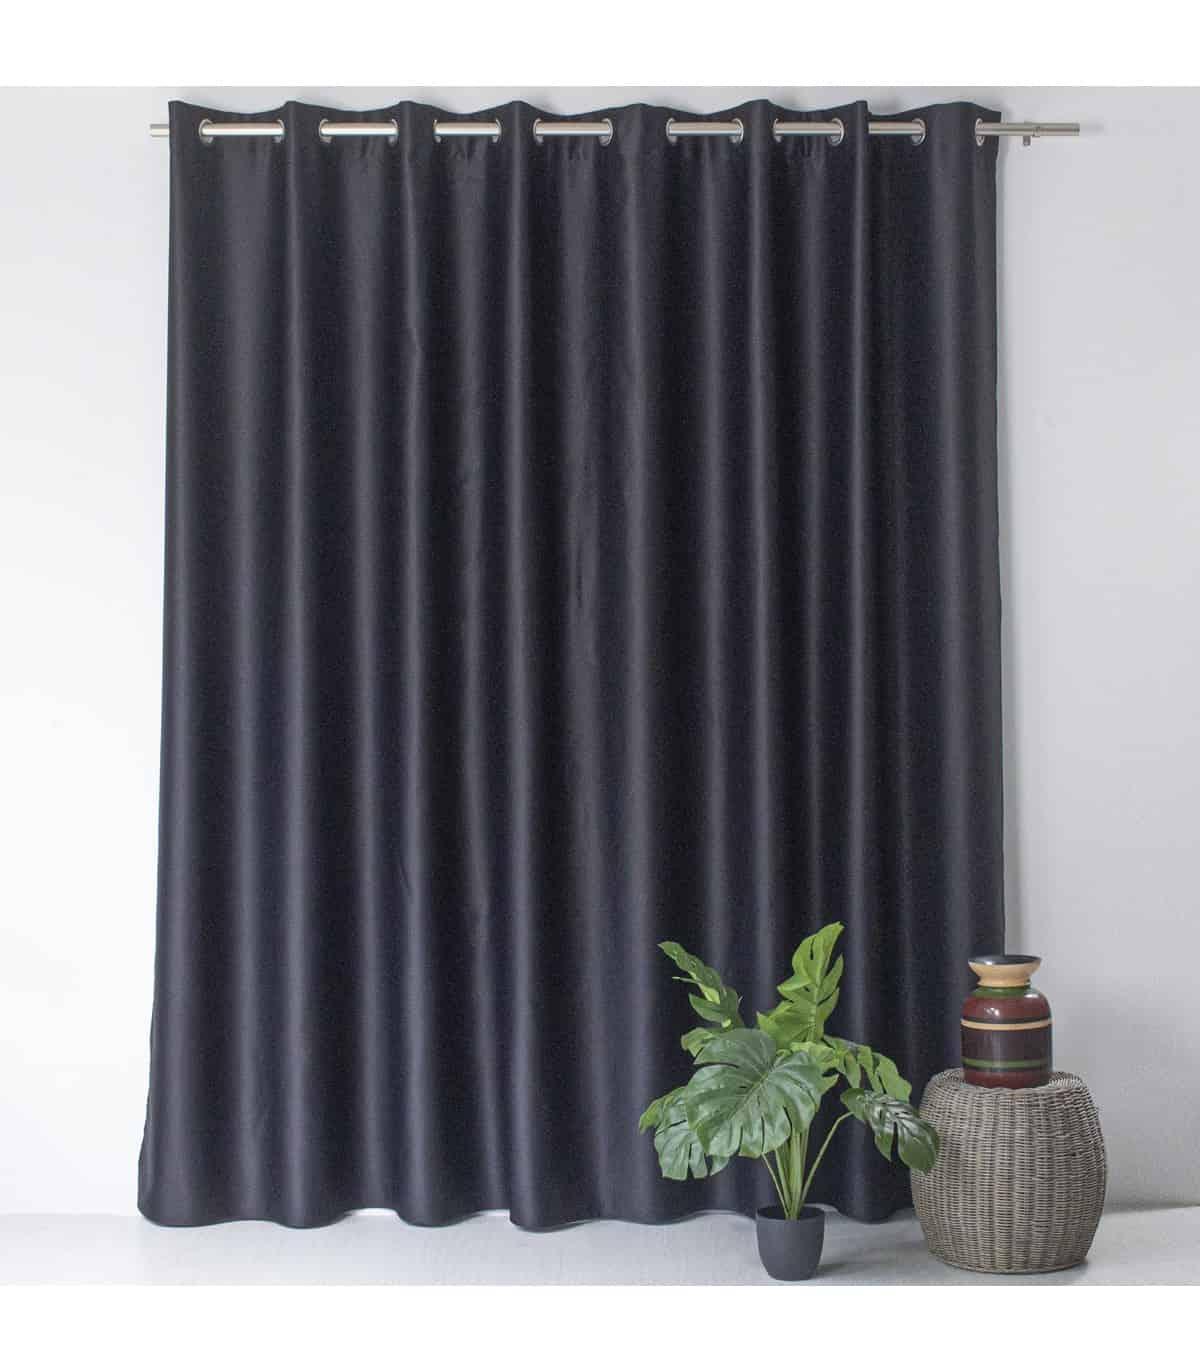 rideau occultant noir grande largeur